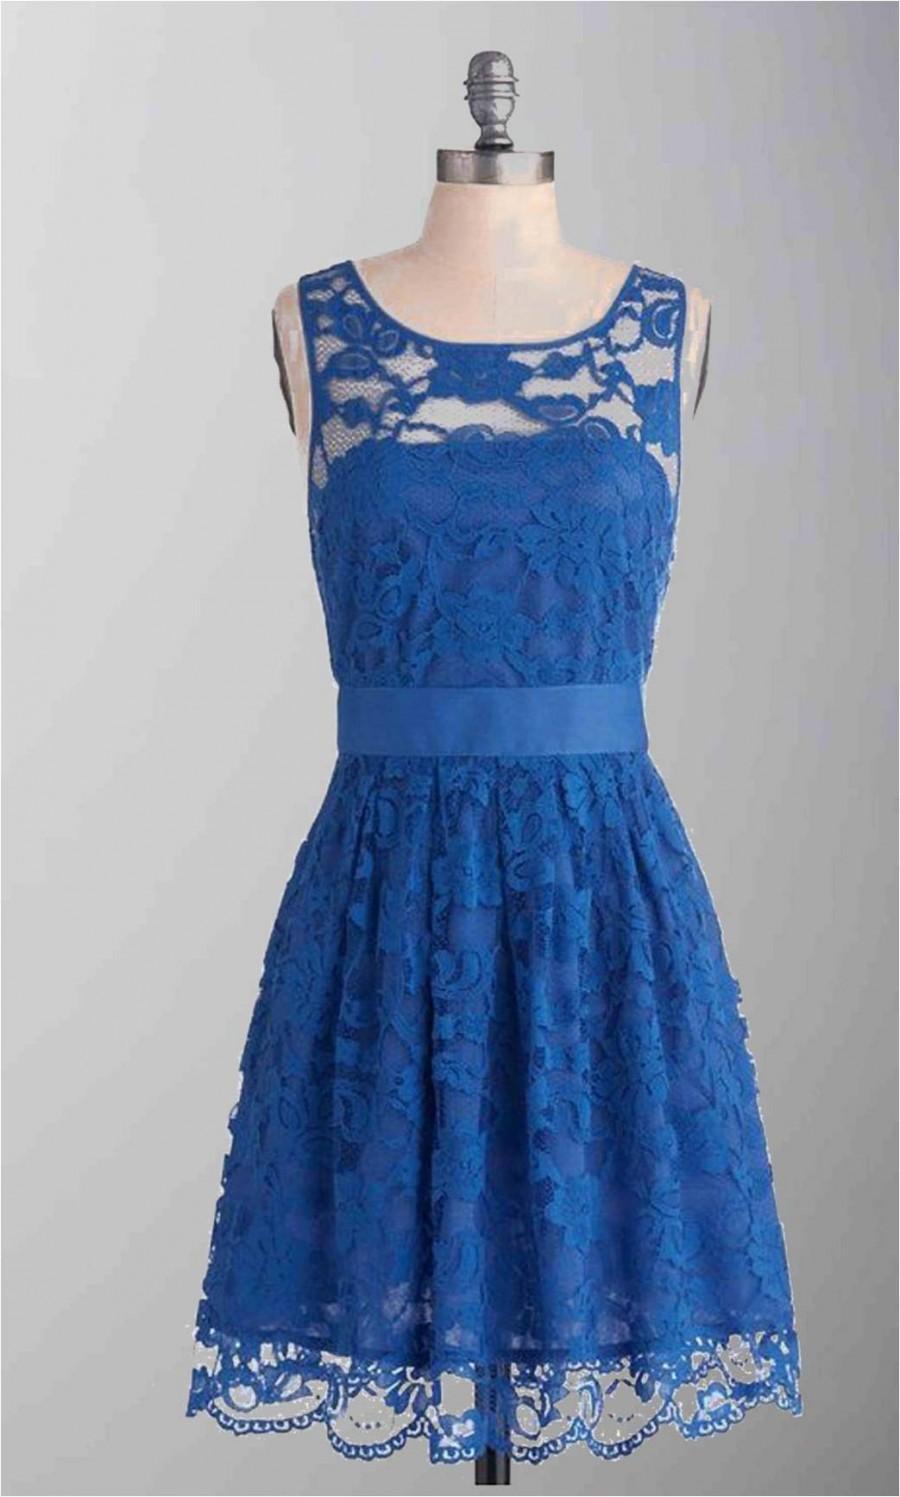 Blue lace short bridesmaid dress with sash ksp287 ksp287 Cheap lace wedding dresses uk